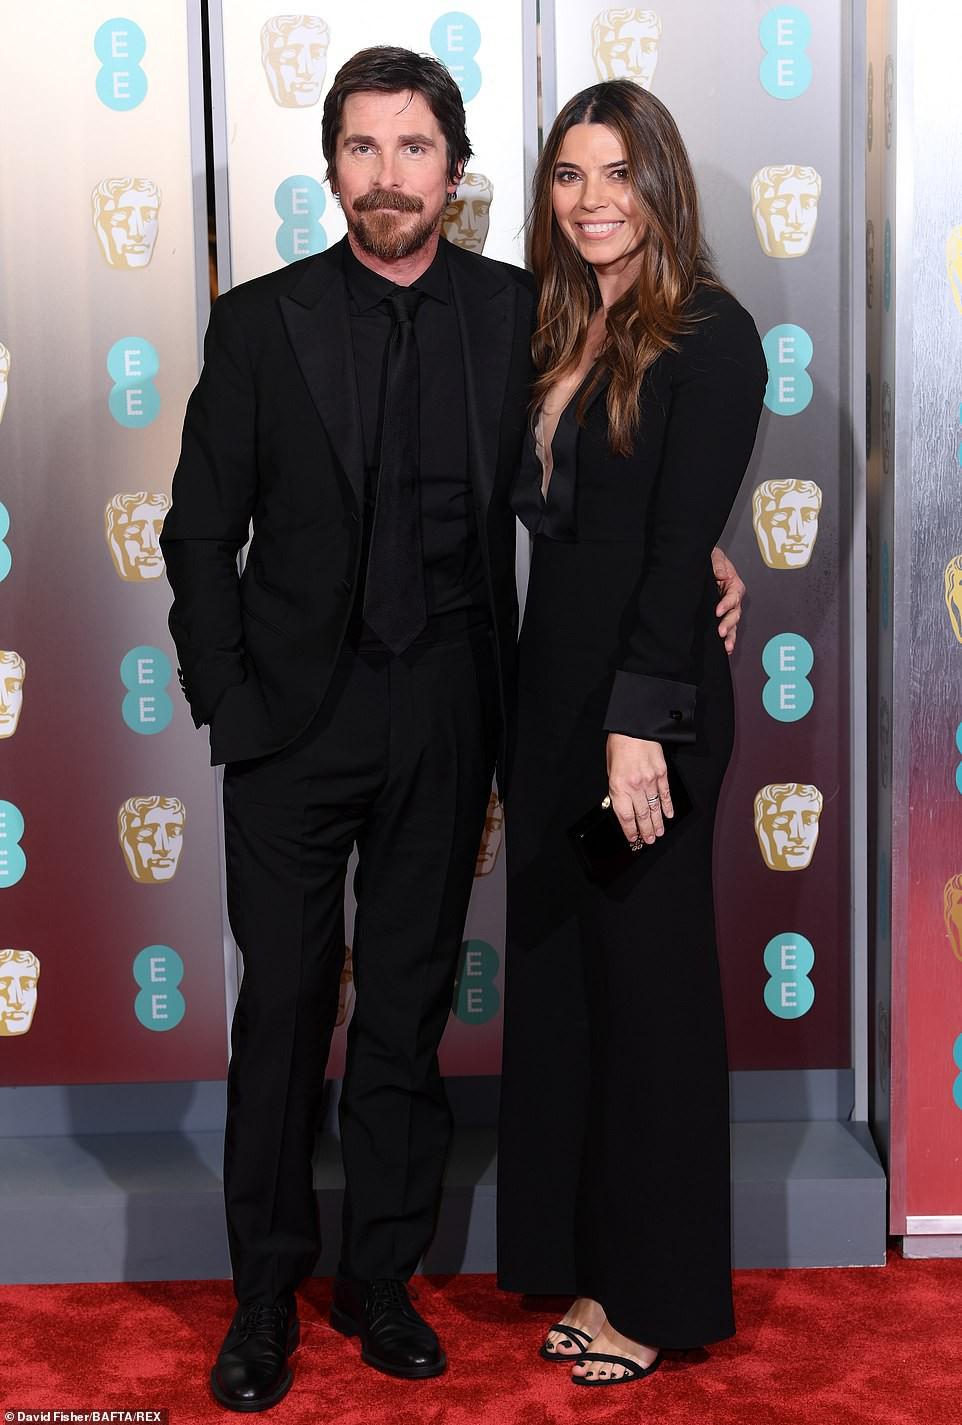 Thảm đỏ Oscar Anh Quốc: Công nương Kate và dàn sao Hollywood khoe nhan sắc tuyệt trần, thật khó chọn ai đẹp nhất! - Ảnh 23.